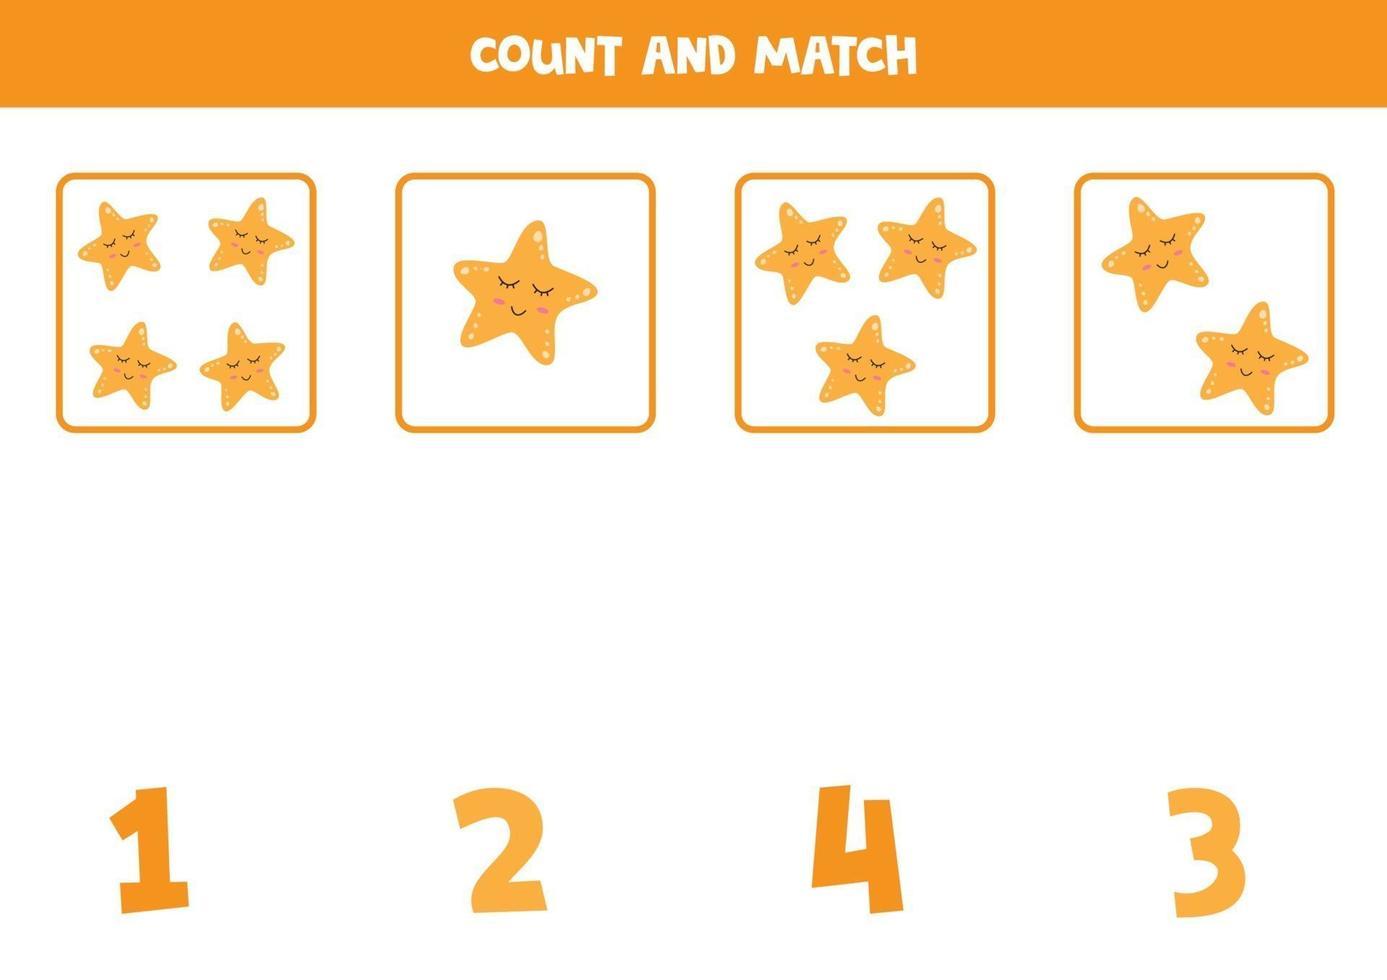 tellen spel met schattige cartoon zeesterren. wiskunde spel. vector